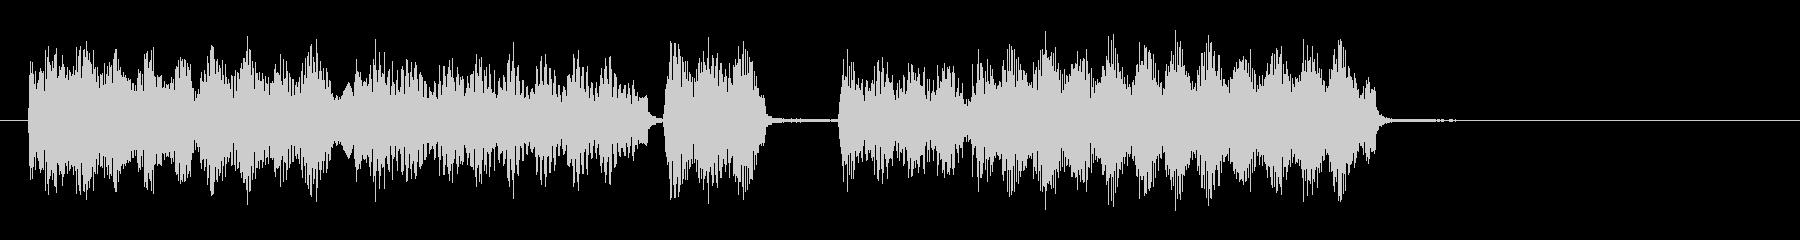 オルガンでブルースを弾いたジングルの未再生の波形